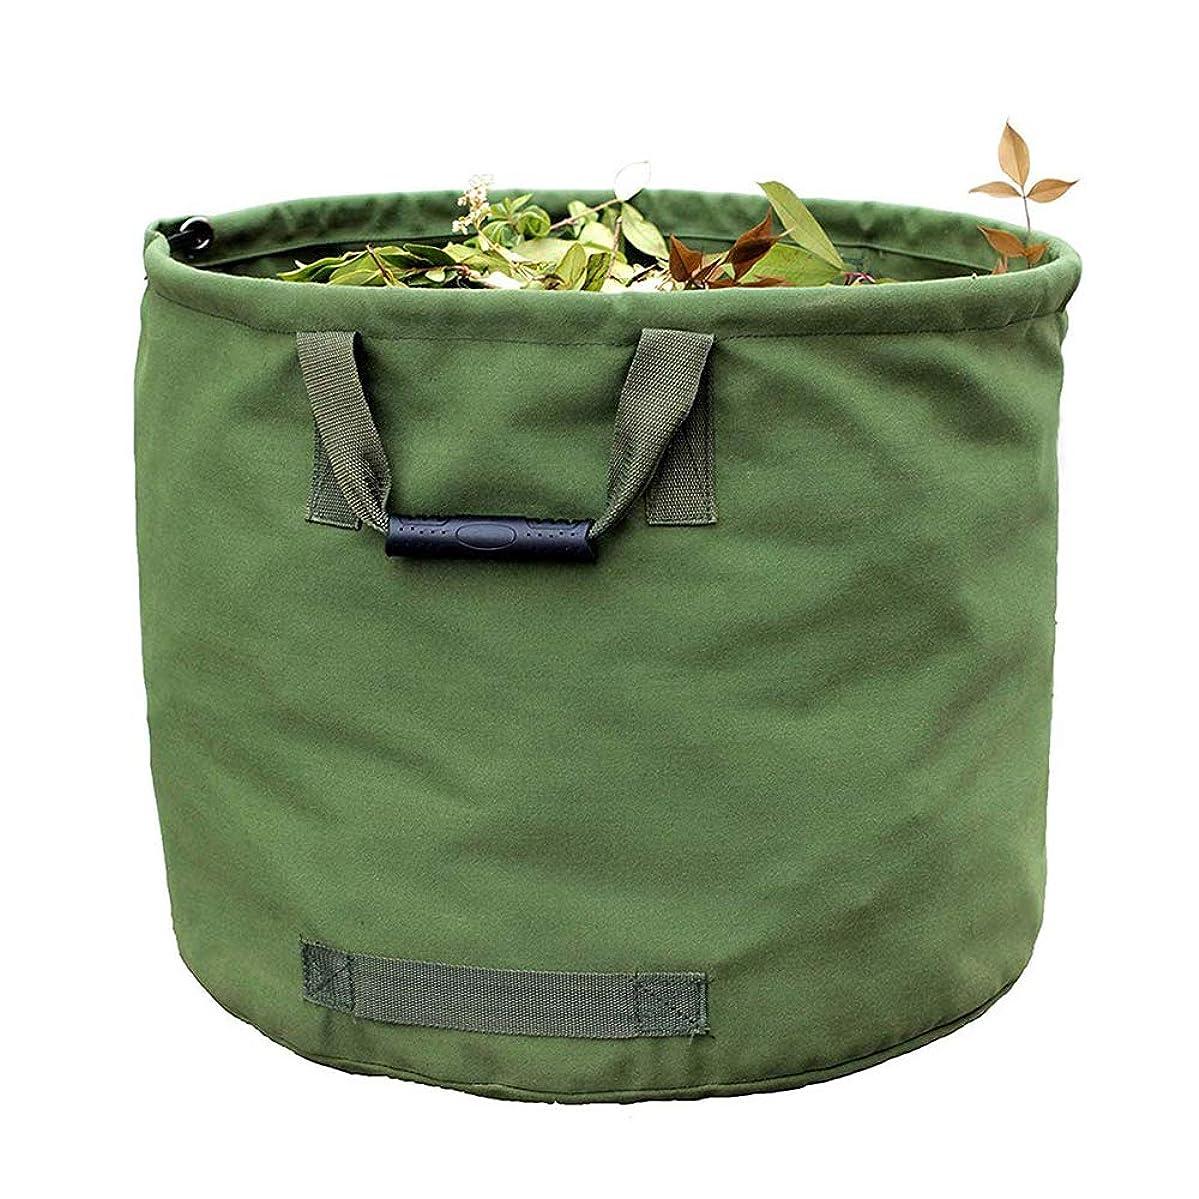 バンカービート鎖庭のゴミ袋、大型の頑丈で強力な庭のゴミ袋、キャンバス生地の防水性と耐摩耗性の防塵リーフバッグ収納袋